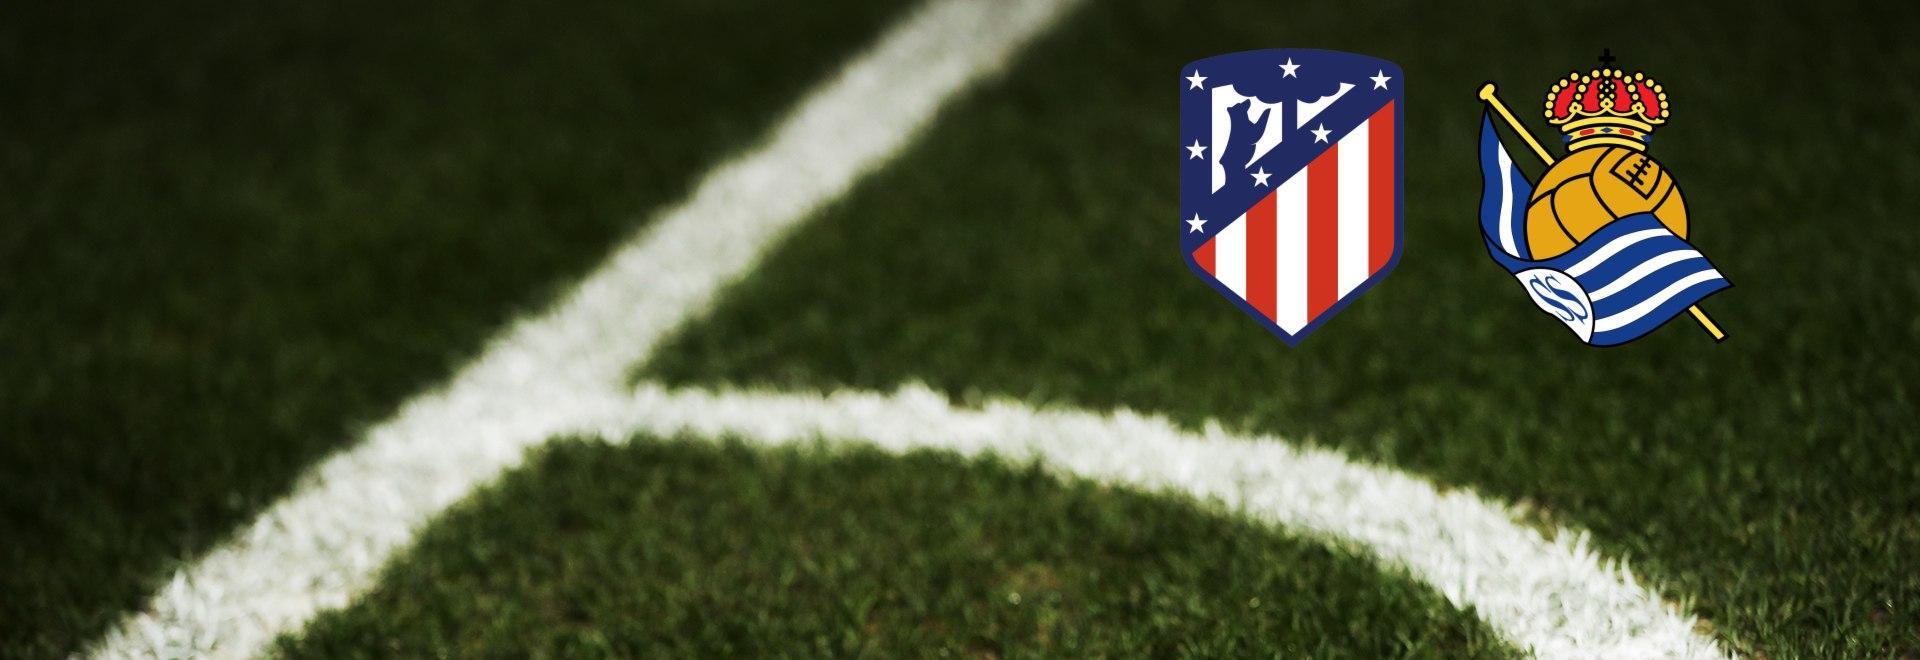 Atletico Madrid - Real Sociedad. 36a g.